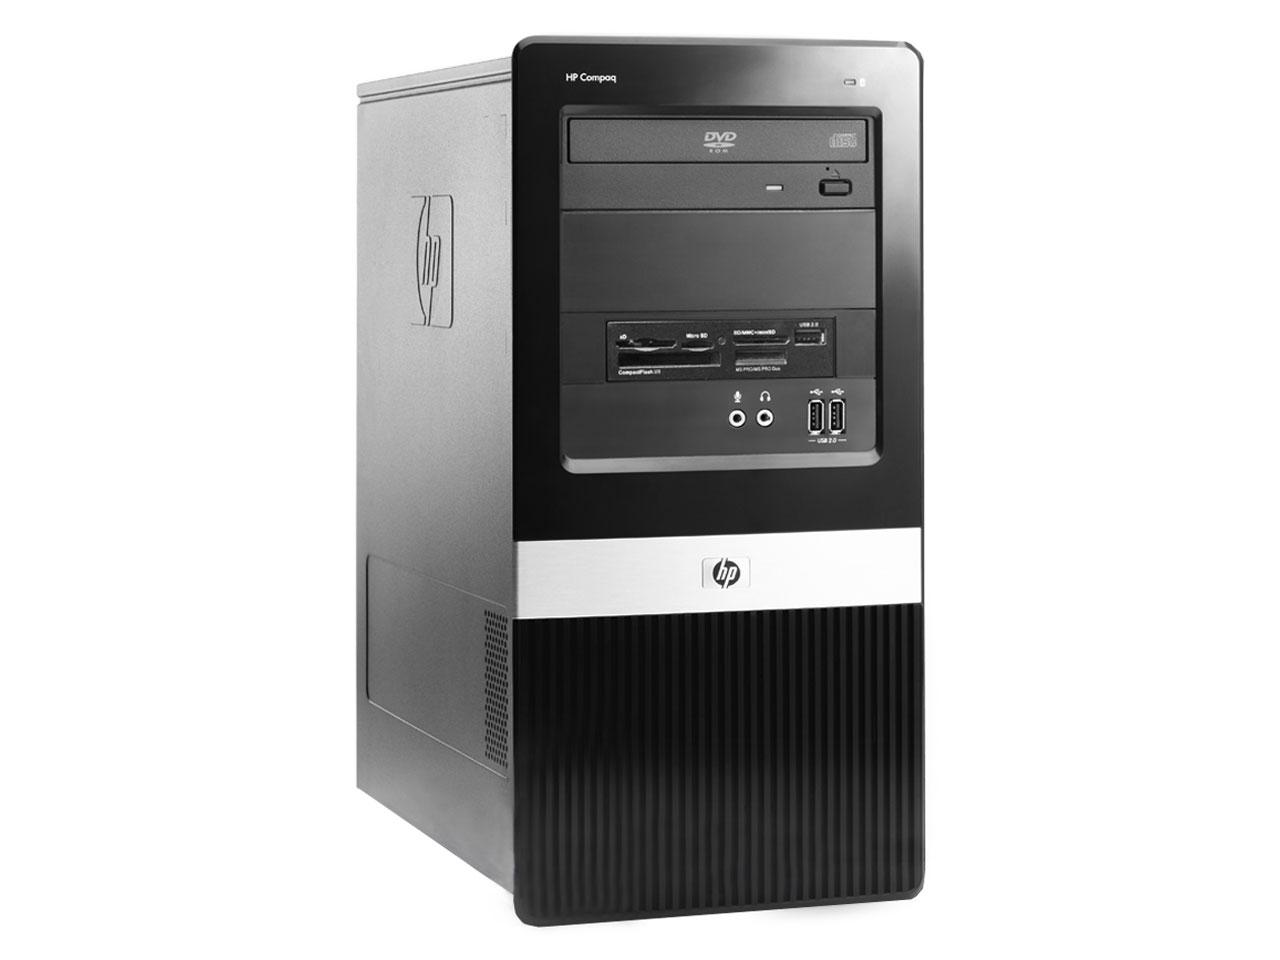 Hewlett Packard DX2420 MT  - shop.bb-net.de